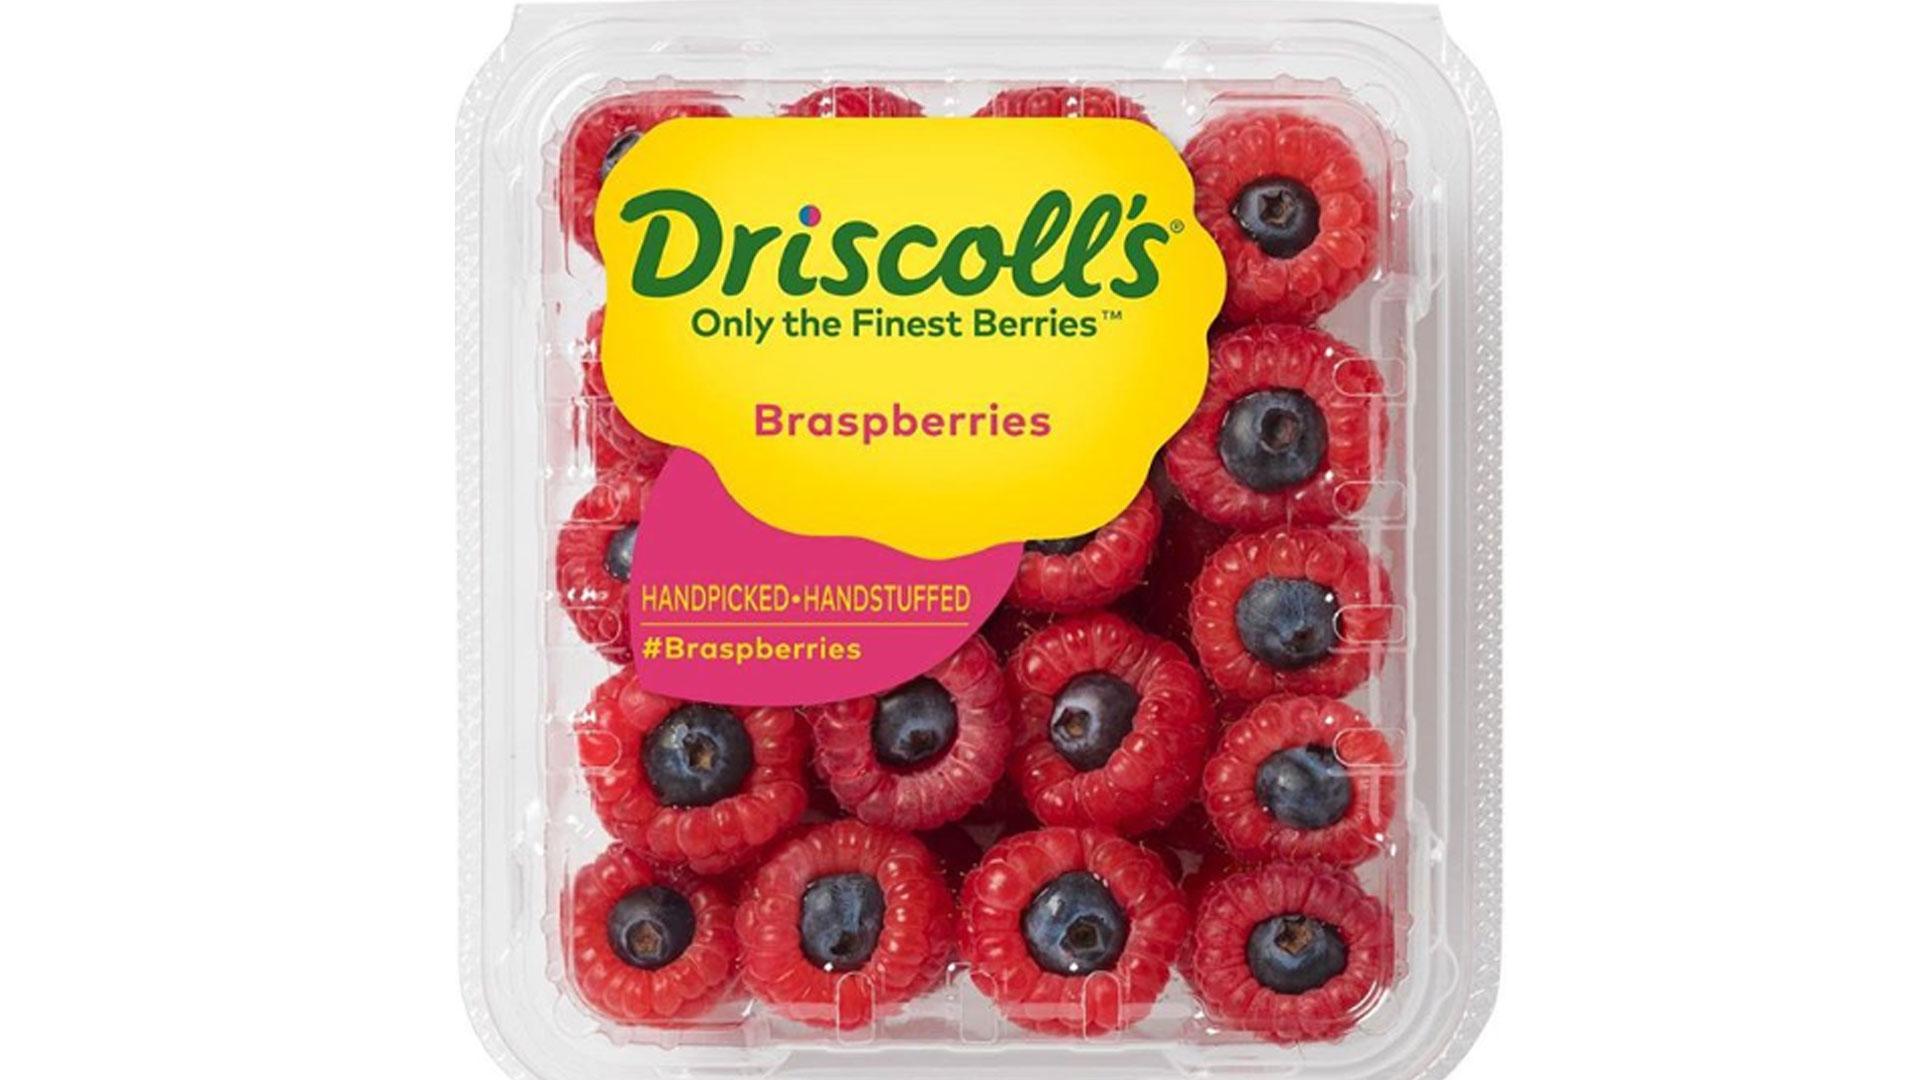 brasberries_1526123991554.jpg